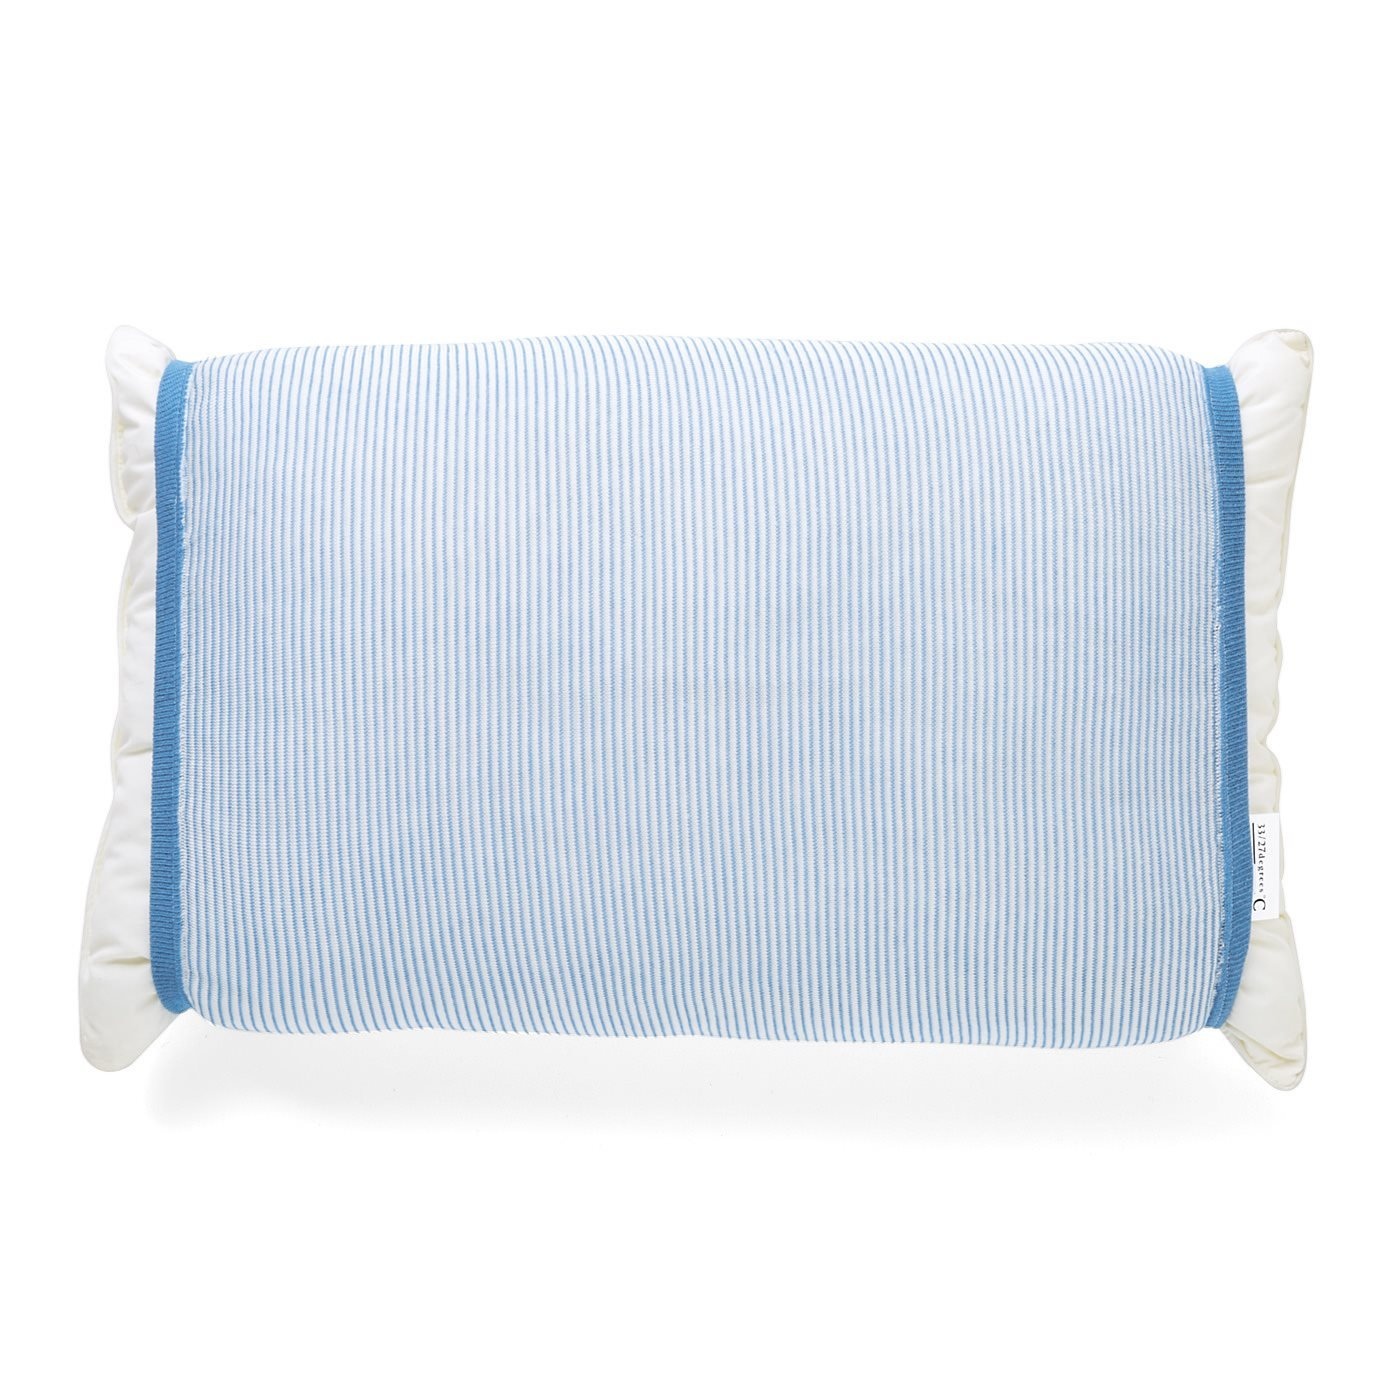 涼やかカラー 接触冷感 枕カバーの会